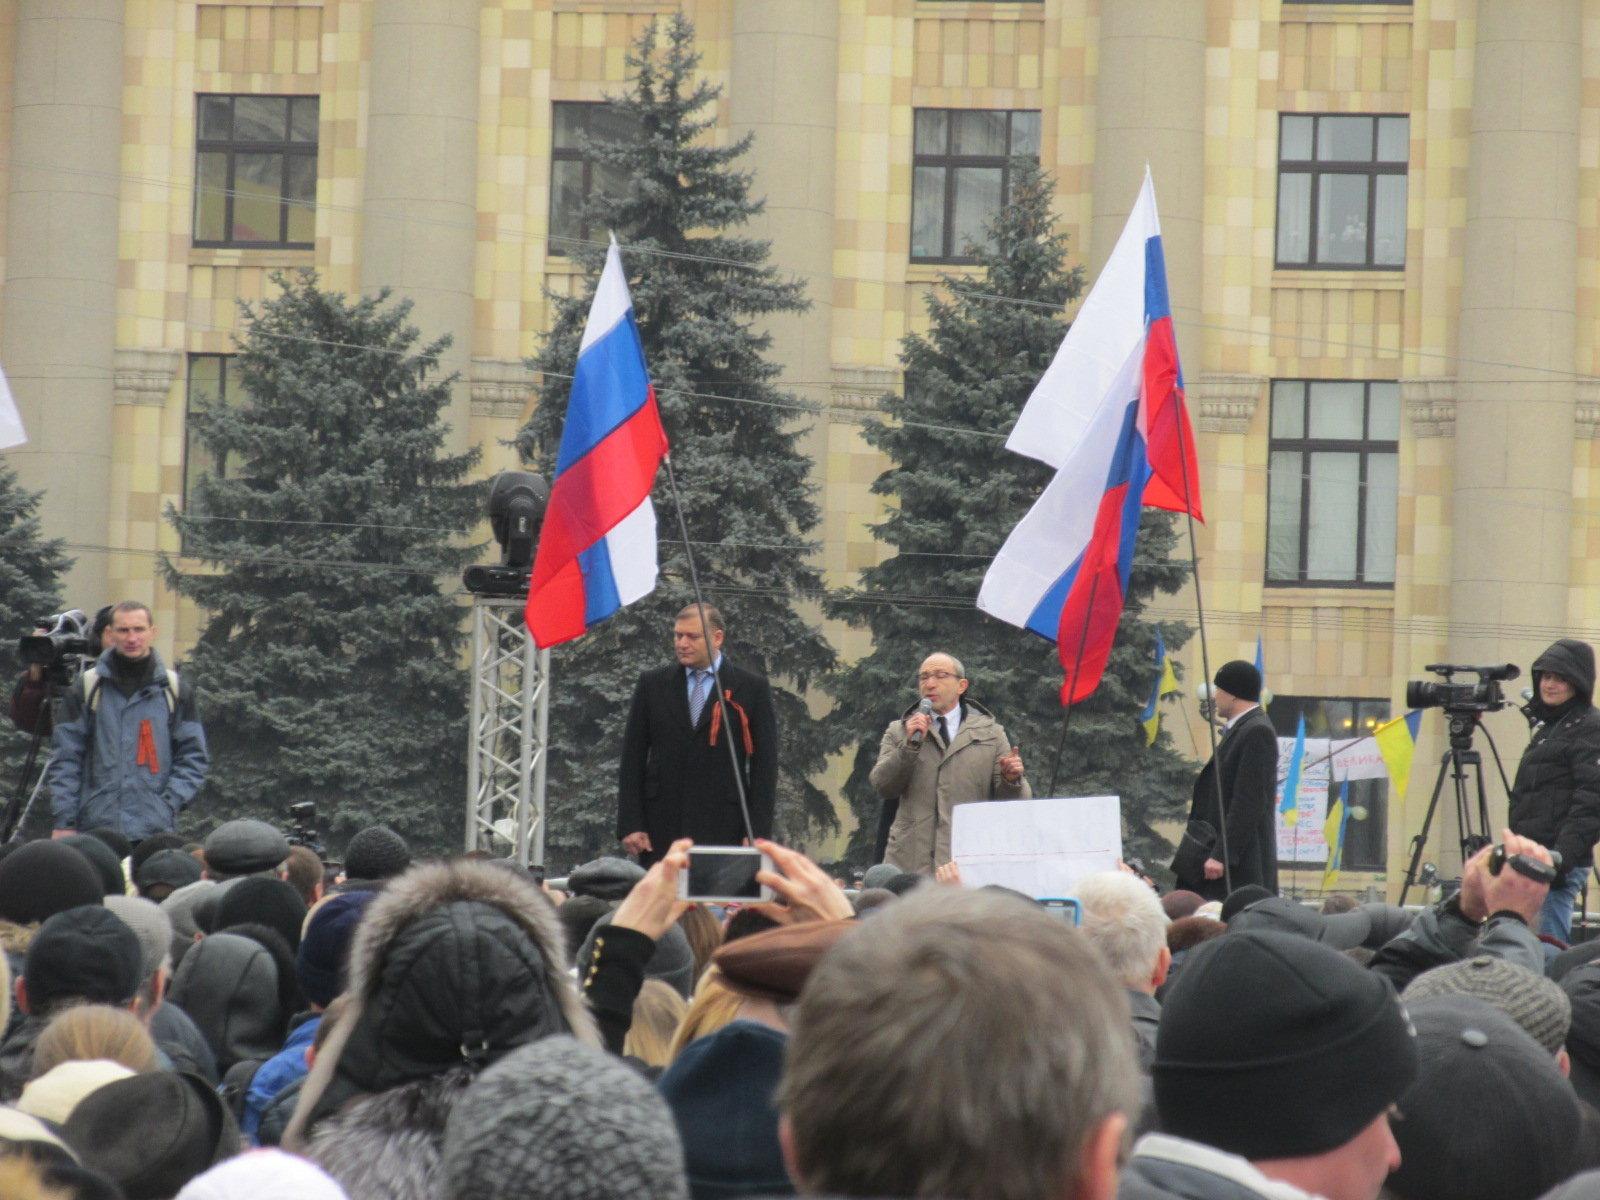 Вандали облили фарбою пам'ятник УПА в Харкові - Цензор.НЕТ 1470